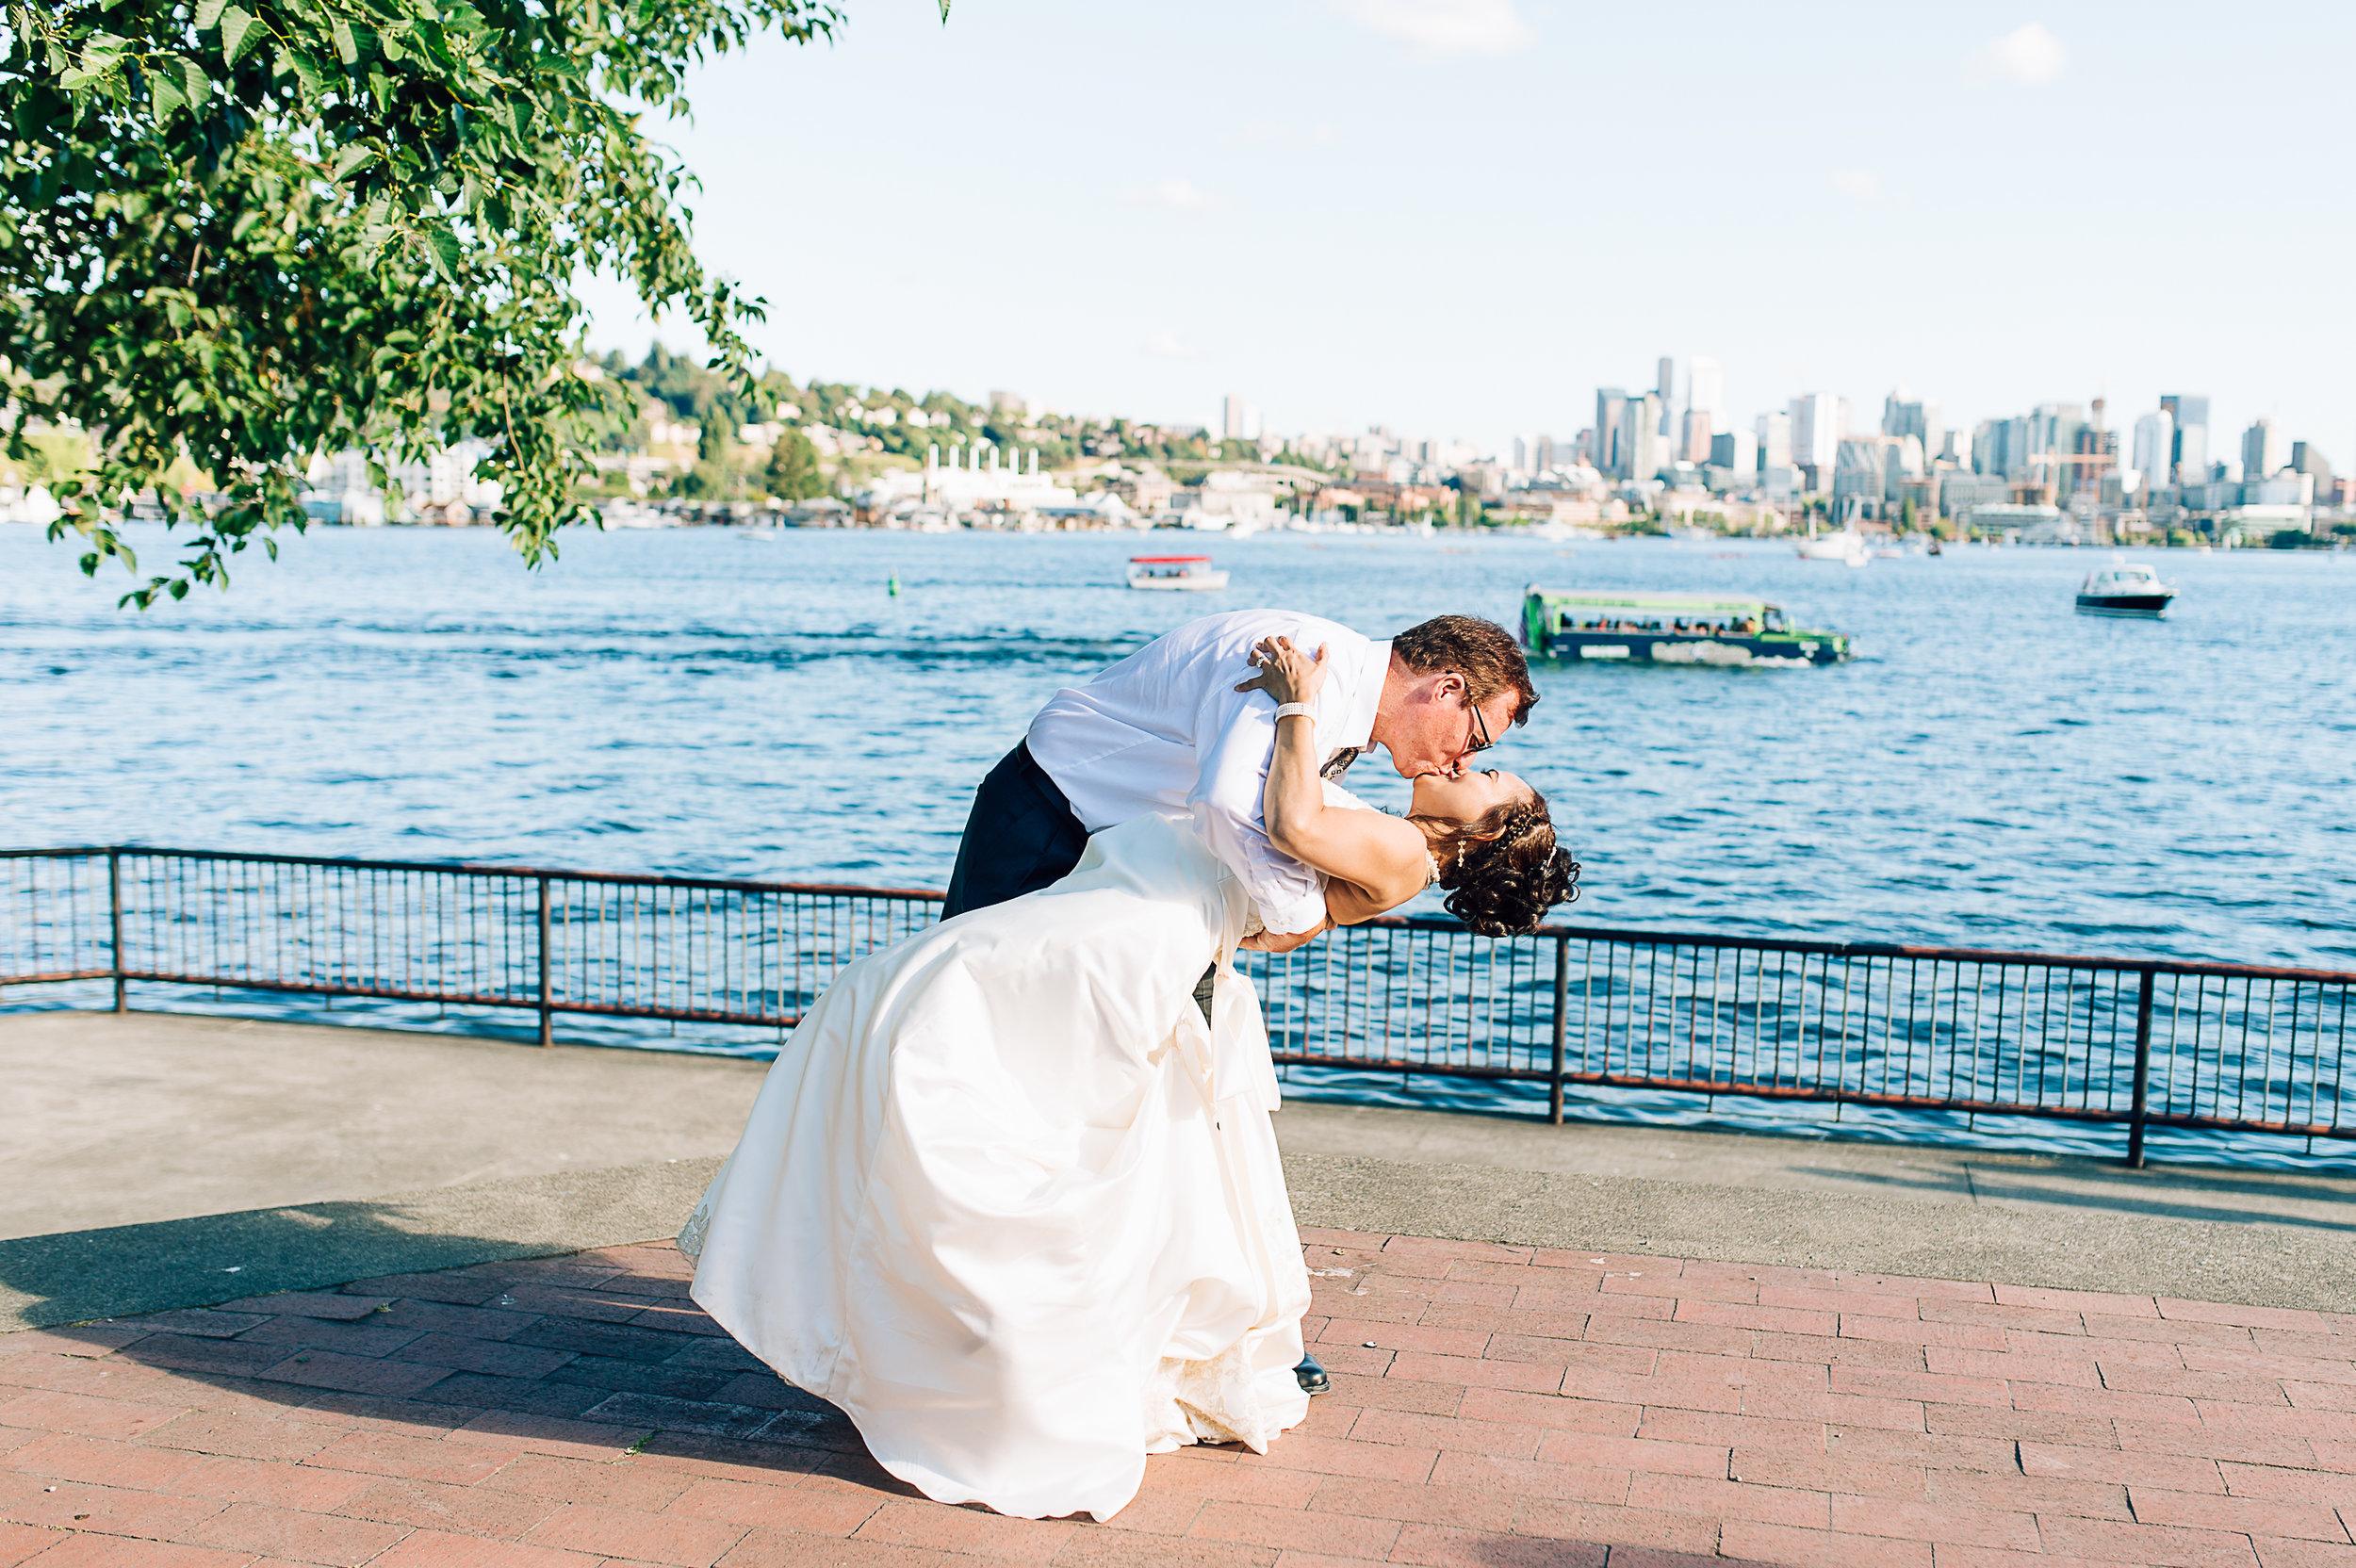 destinationwedding_Seattle_virginiaphotographer_youseephotography_LidiaOtto (498).jpg